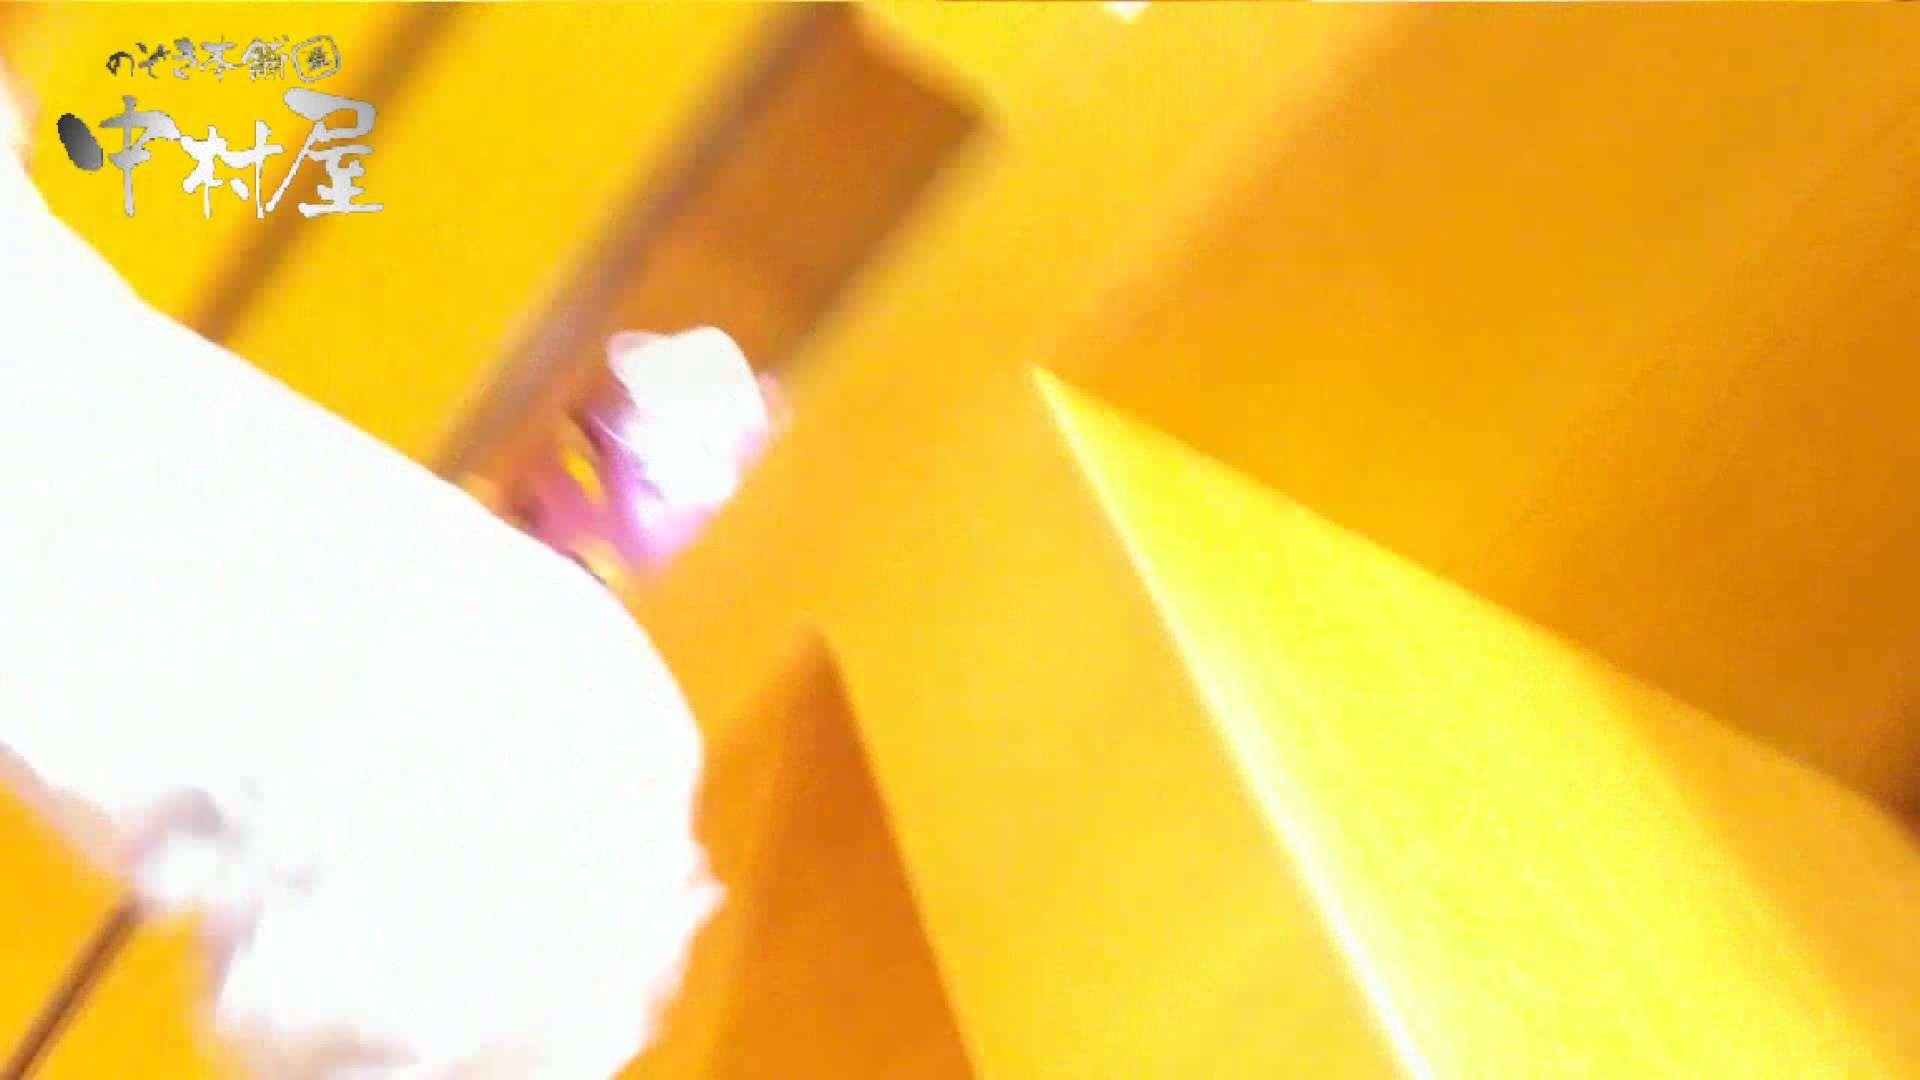 vol.48可愛いカリスマ店員胸チラ&パンチラ アニメ声の店員さん パンチラ  110画像 60